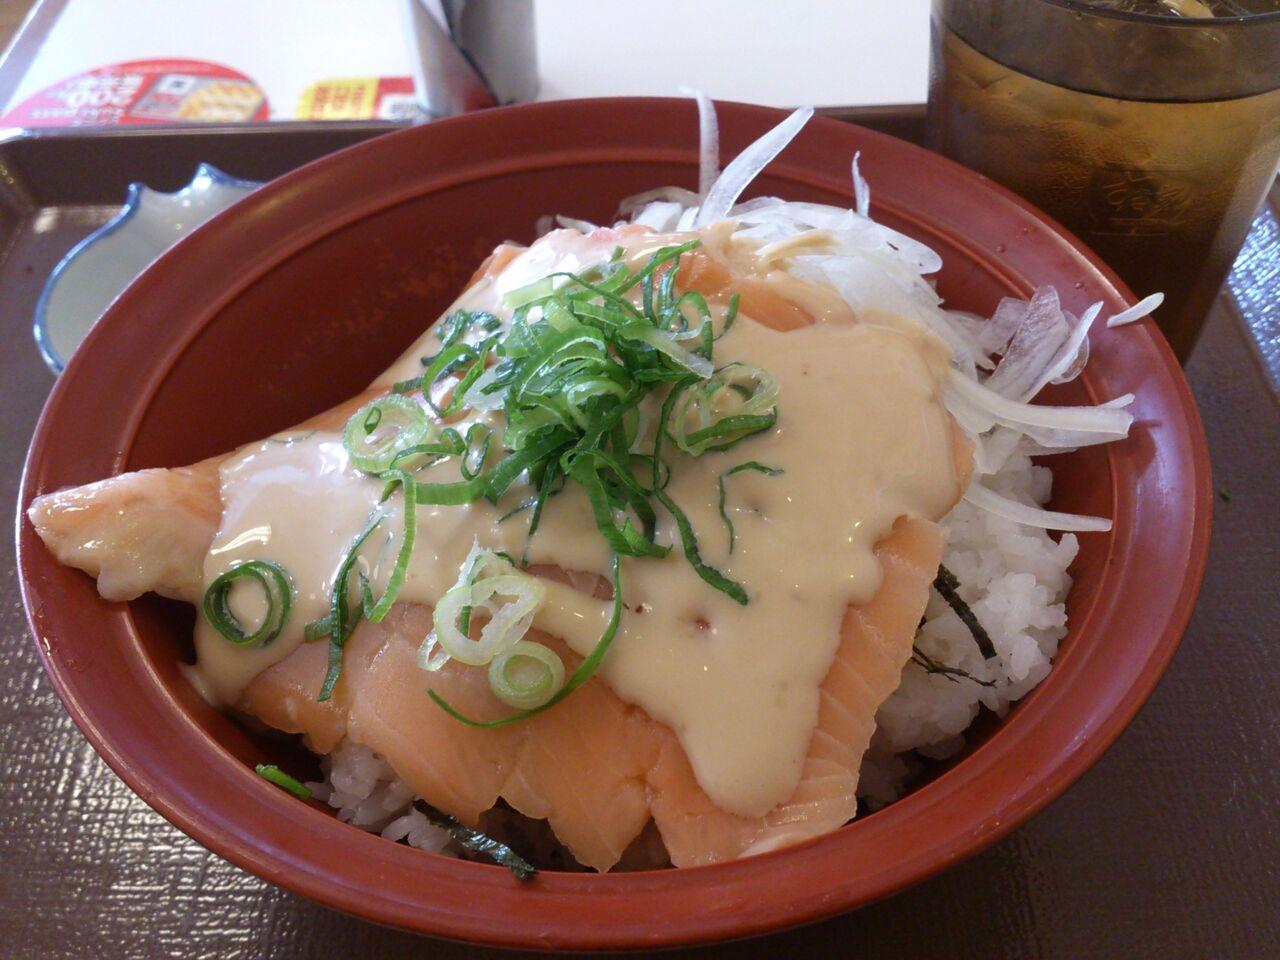 丼 オニオン サーモン SNSでも高評、すき家の新商品「オニオンサーモン丼」がおいしそう。